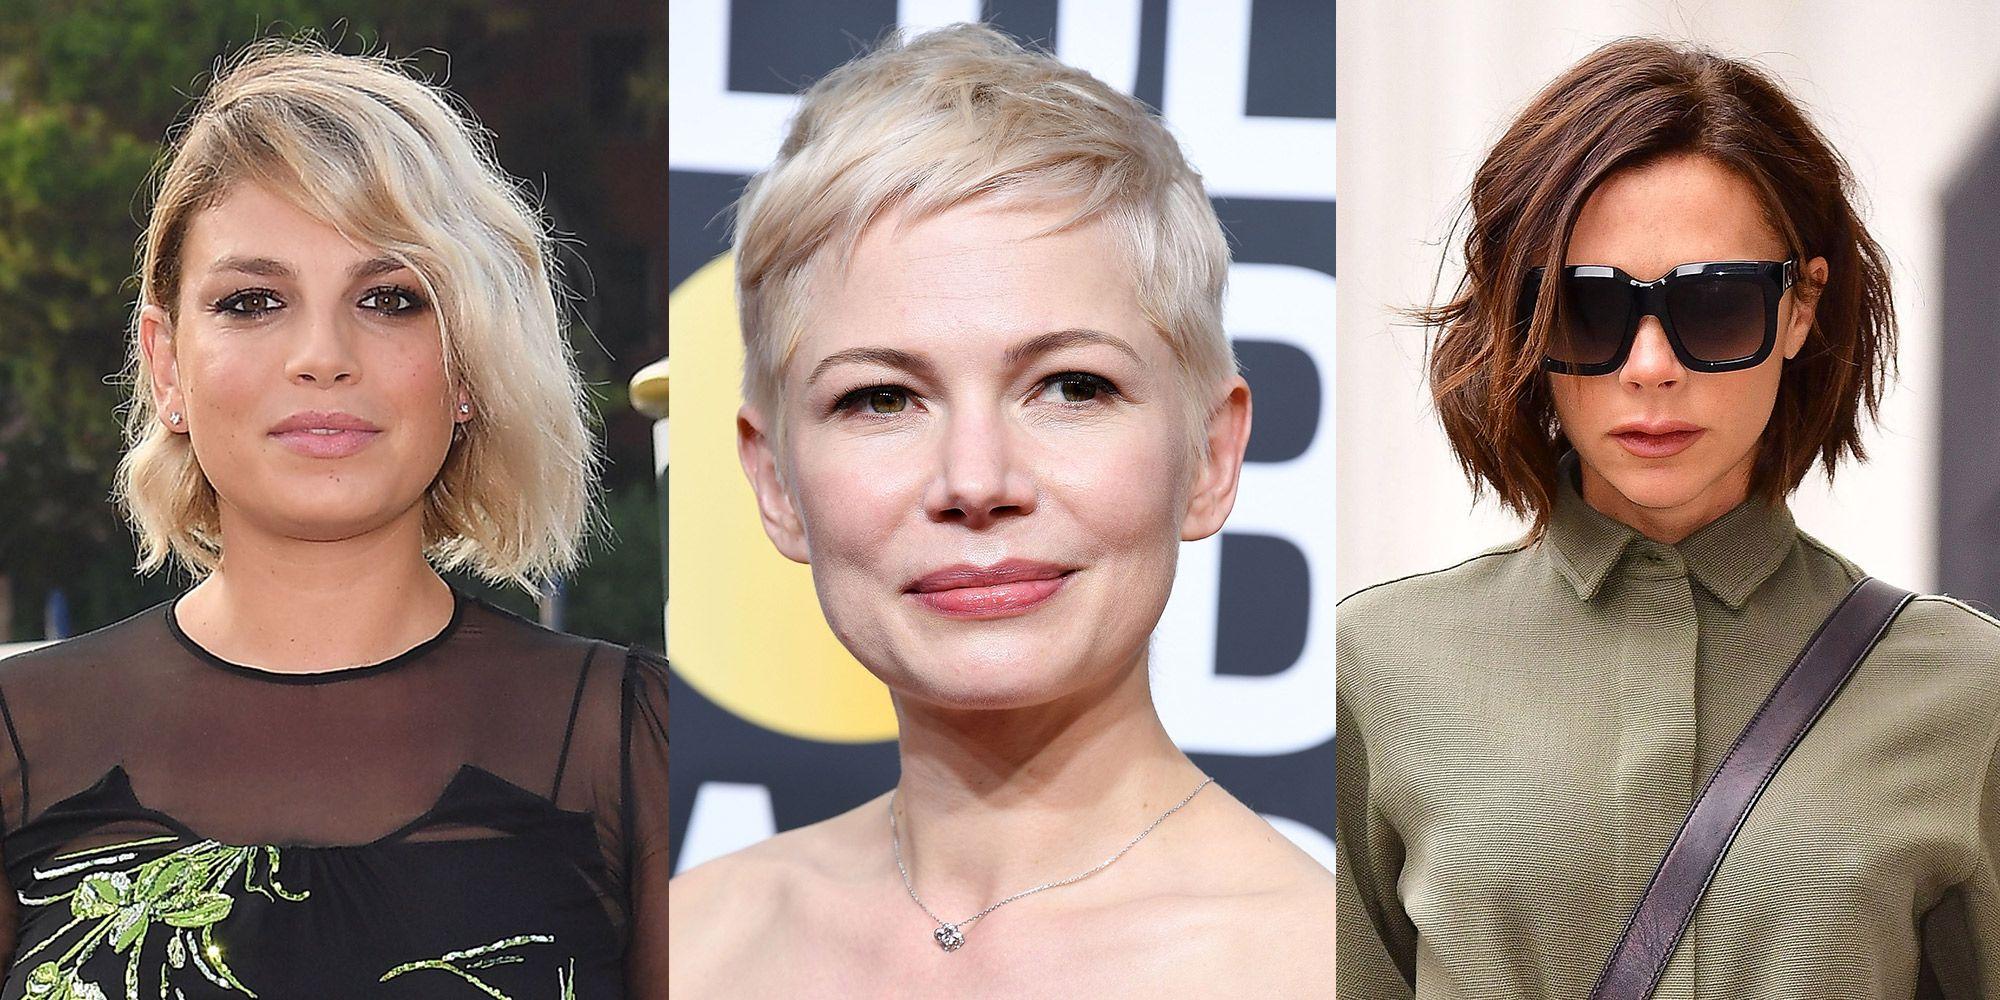 Tagli di capelli corti moda 2018